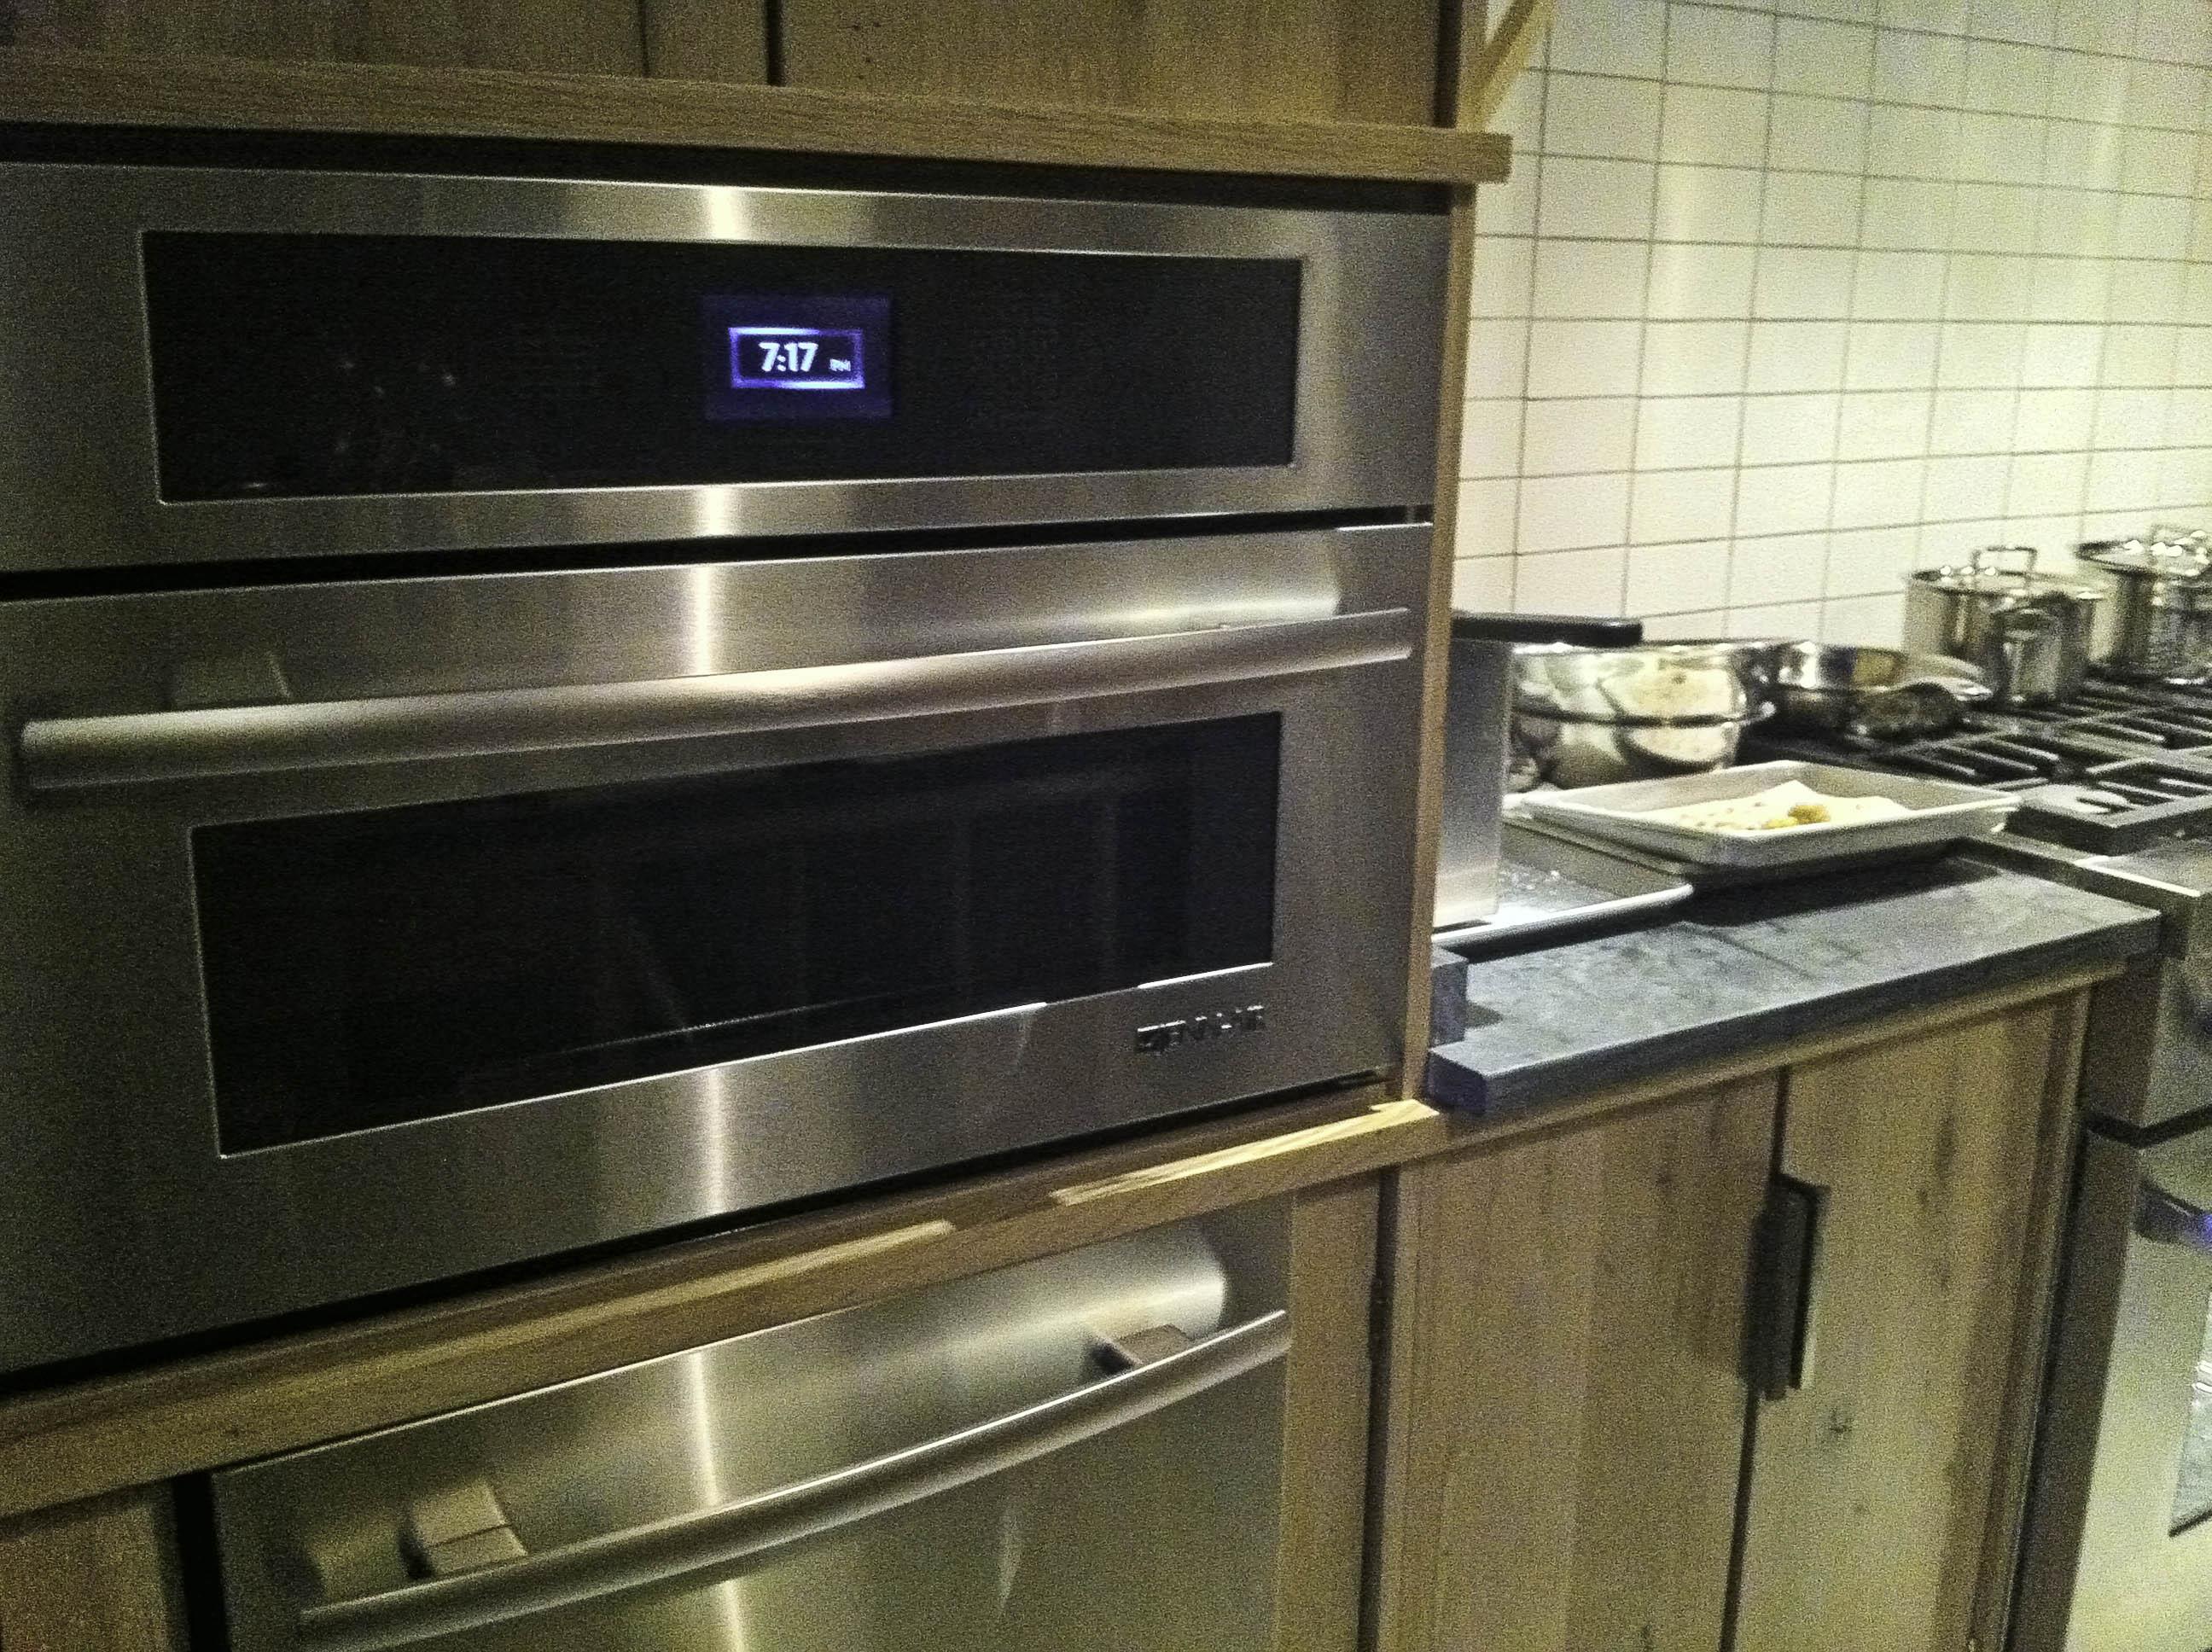 Brown Kitchen Appliances